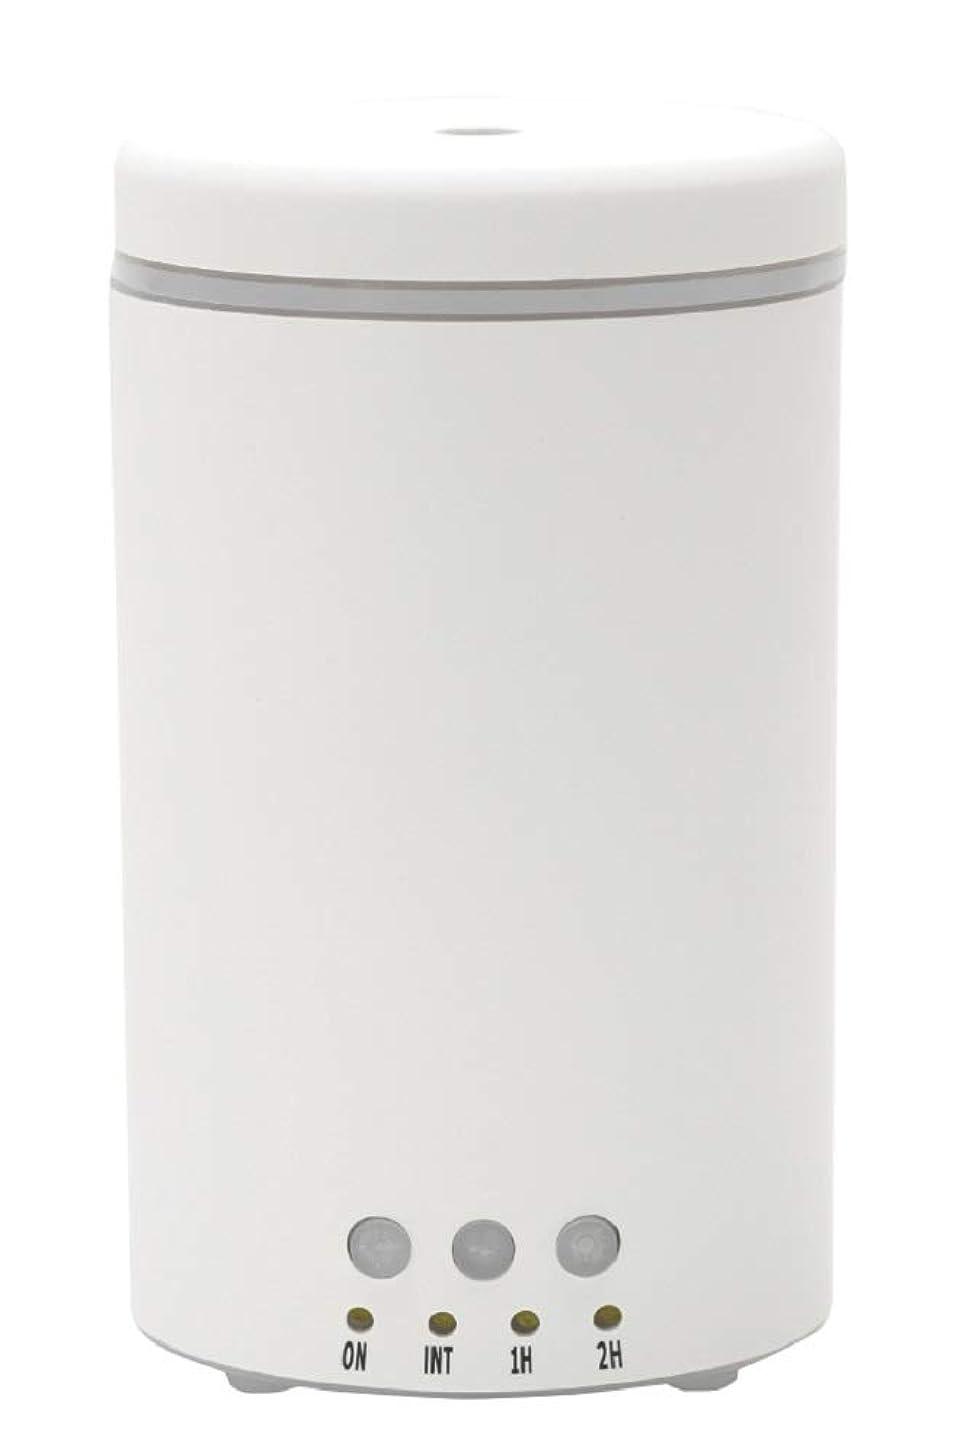 市民大きい封建ノルコーポレーション アロマディフューザー 超音波式 150ml ホワイト OP-AMD-1-3